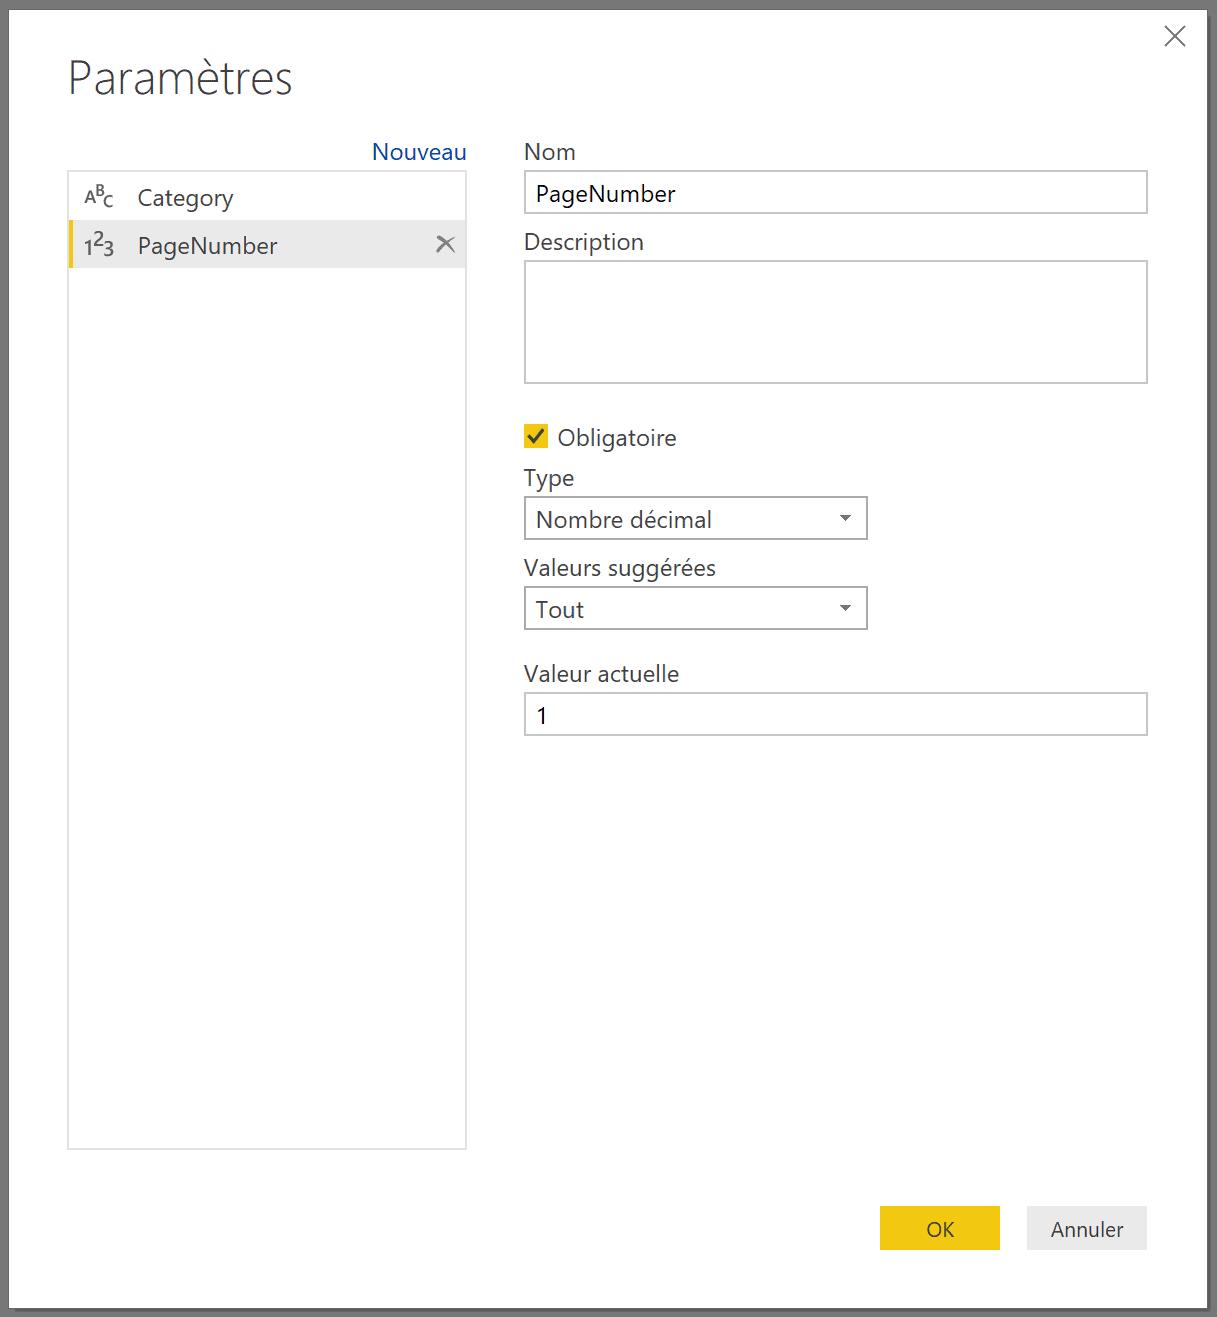 Paramètre Page Number